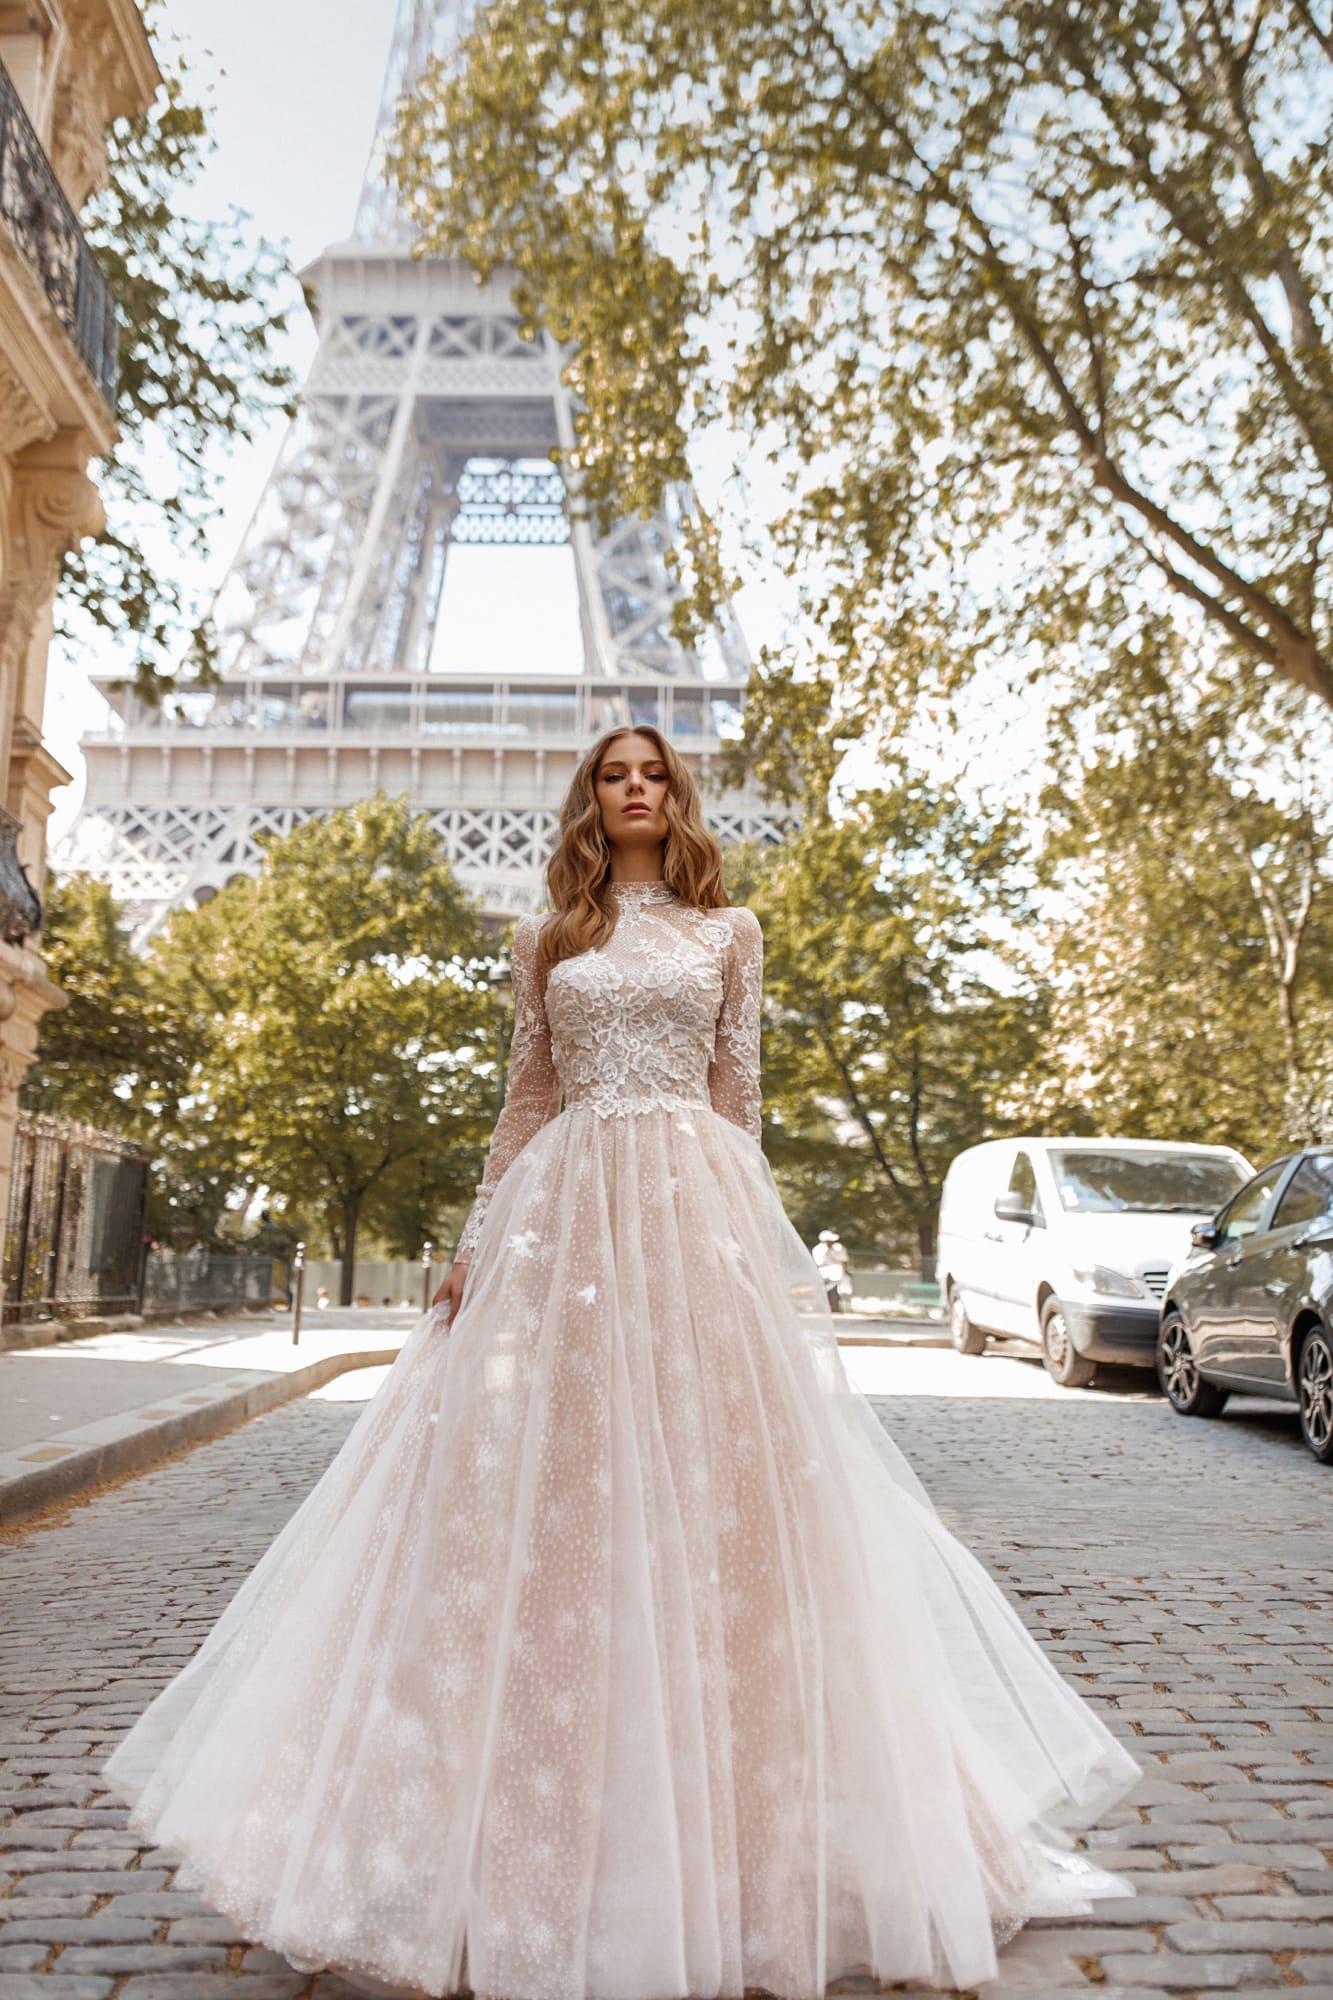 Пышное свадебное платье с длинным рукавом и открытой спинкой.